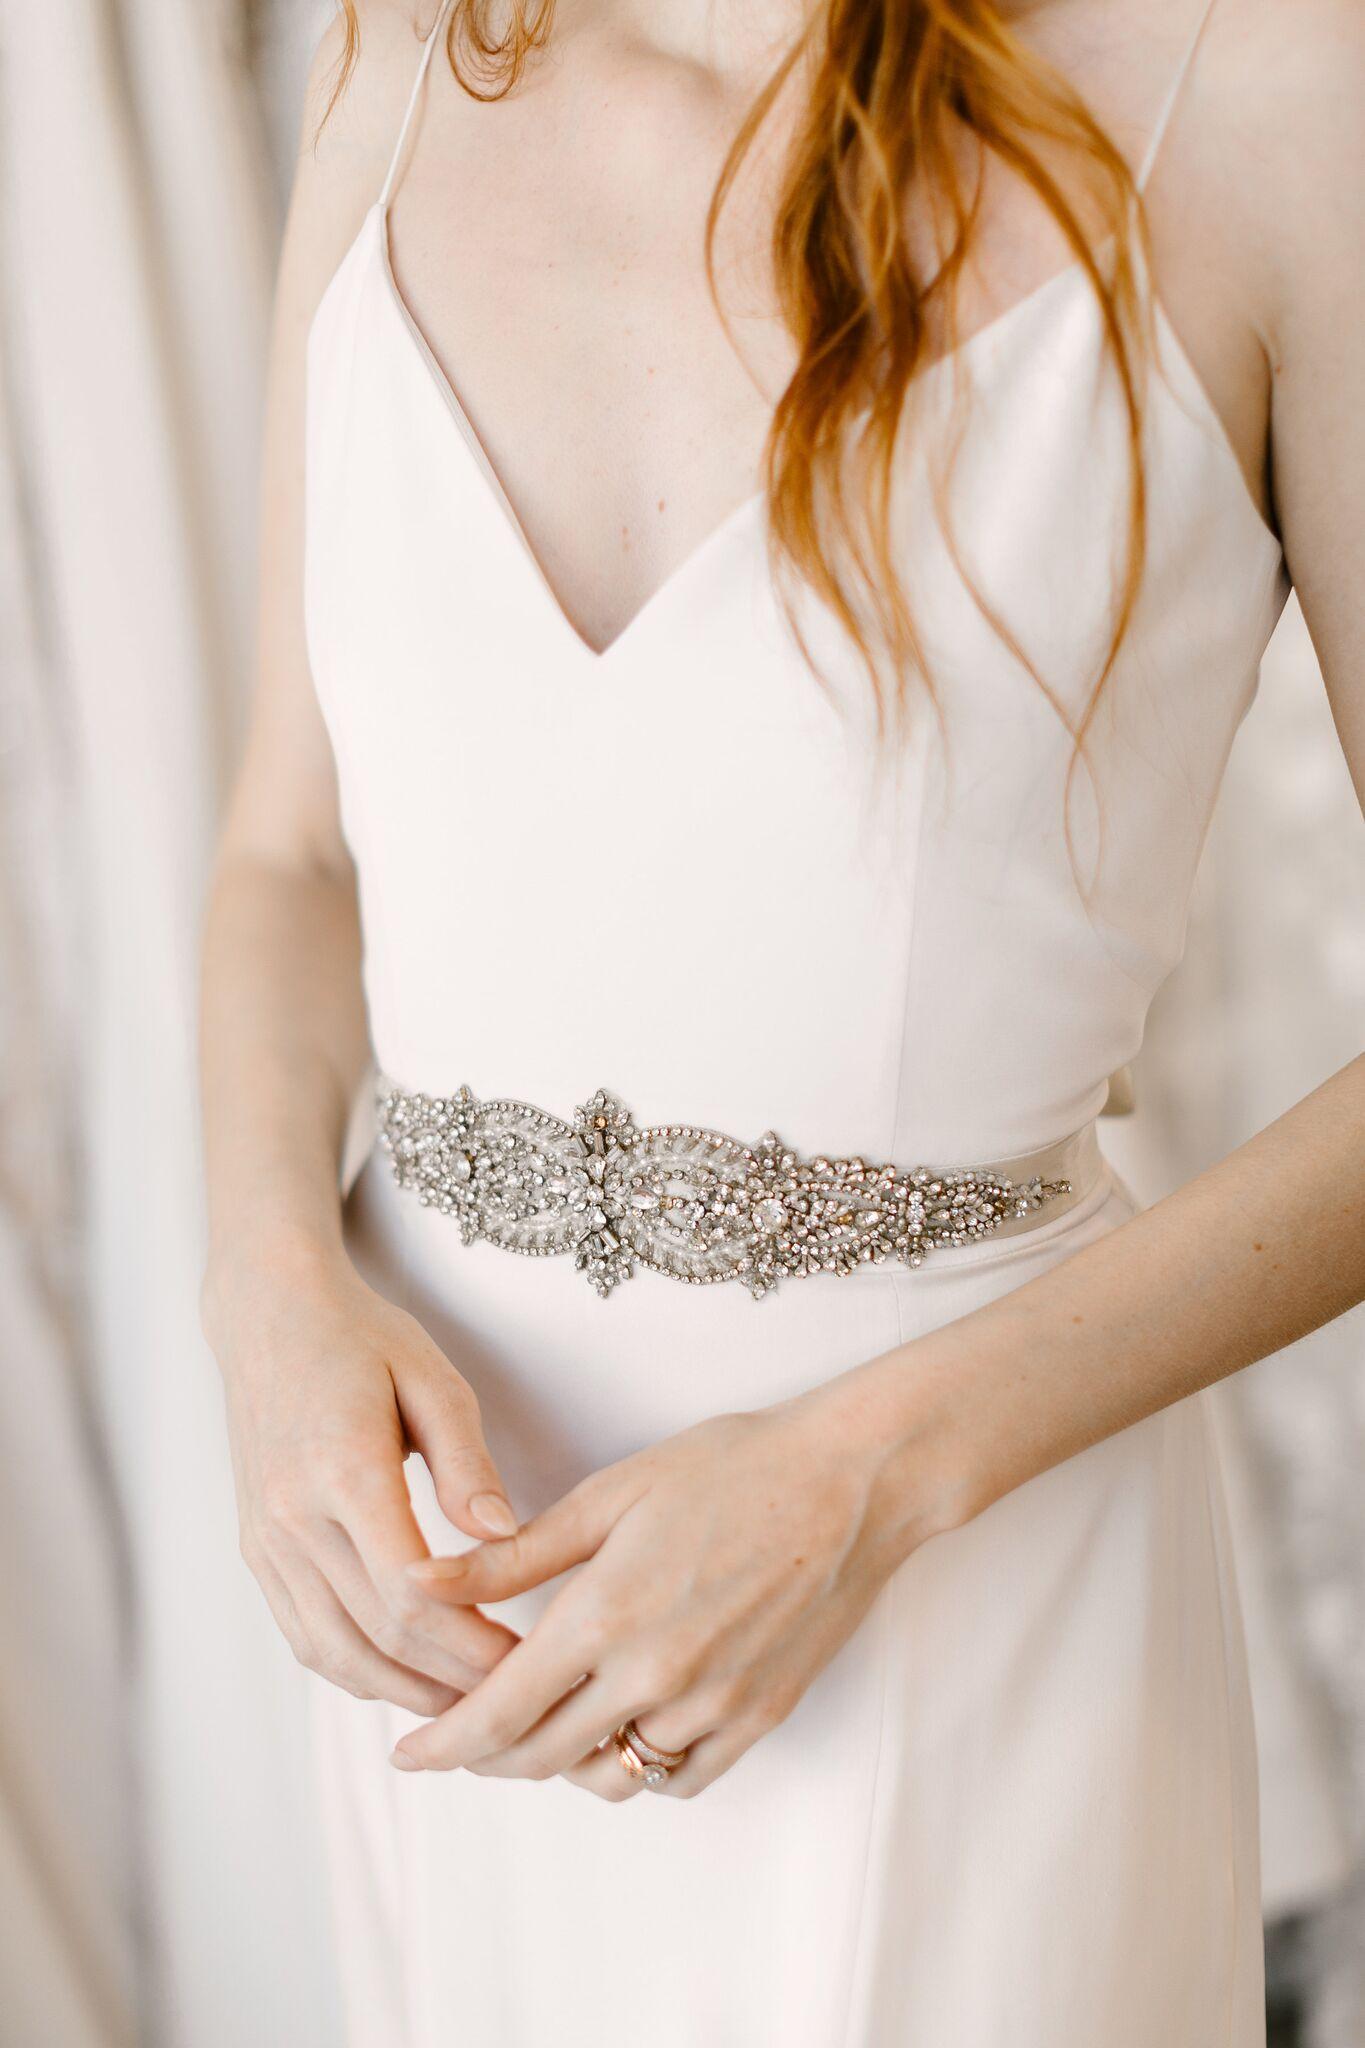 Dahlia Untamed Petals Wedding Accessories Wedding Dress Accessories Wedding Dress Sash We Wedding Dress Belt Black Bridal Wedding Dress Accessories